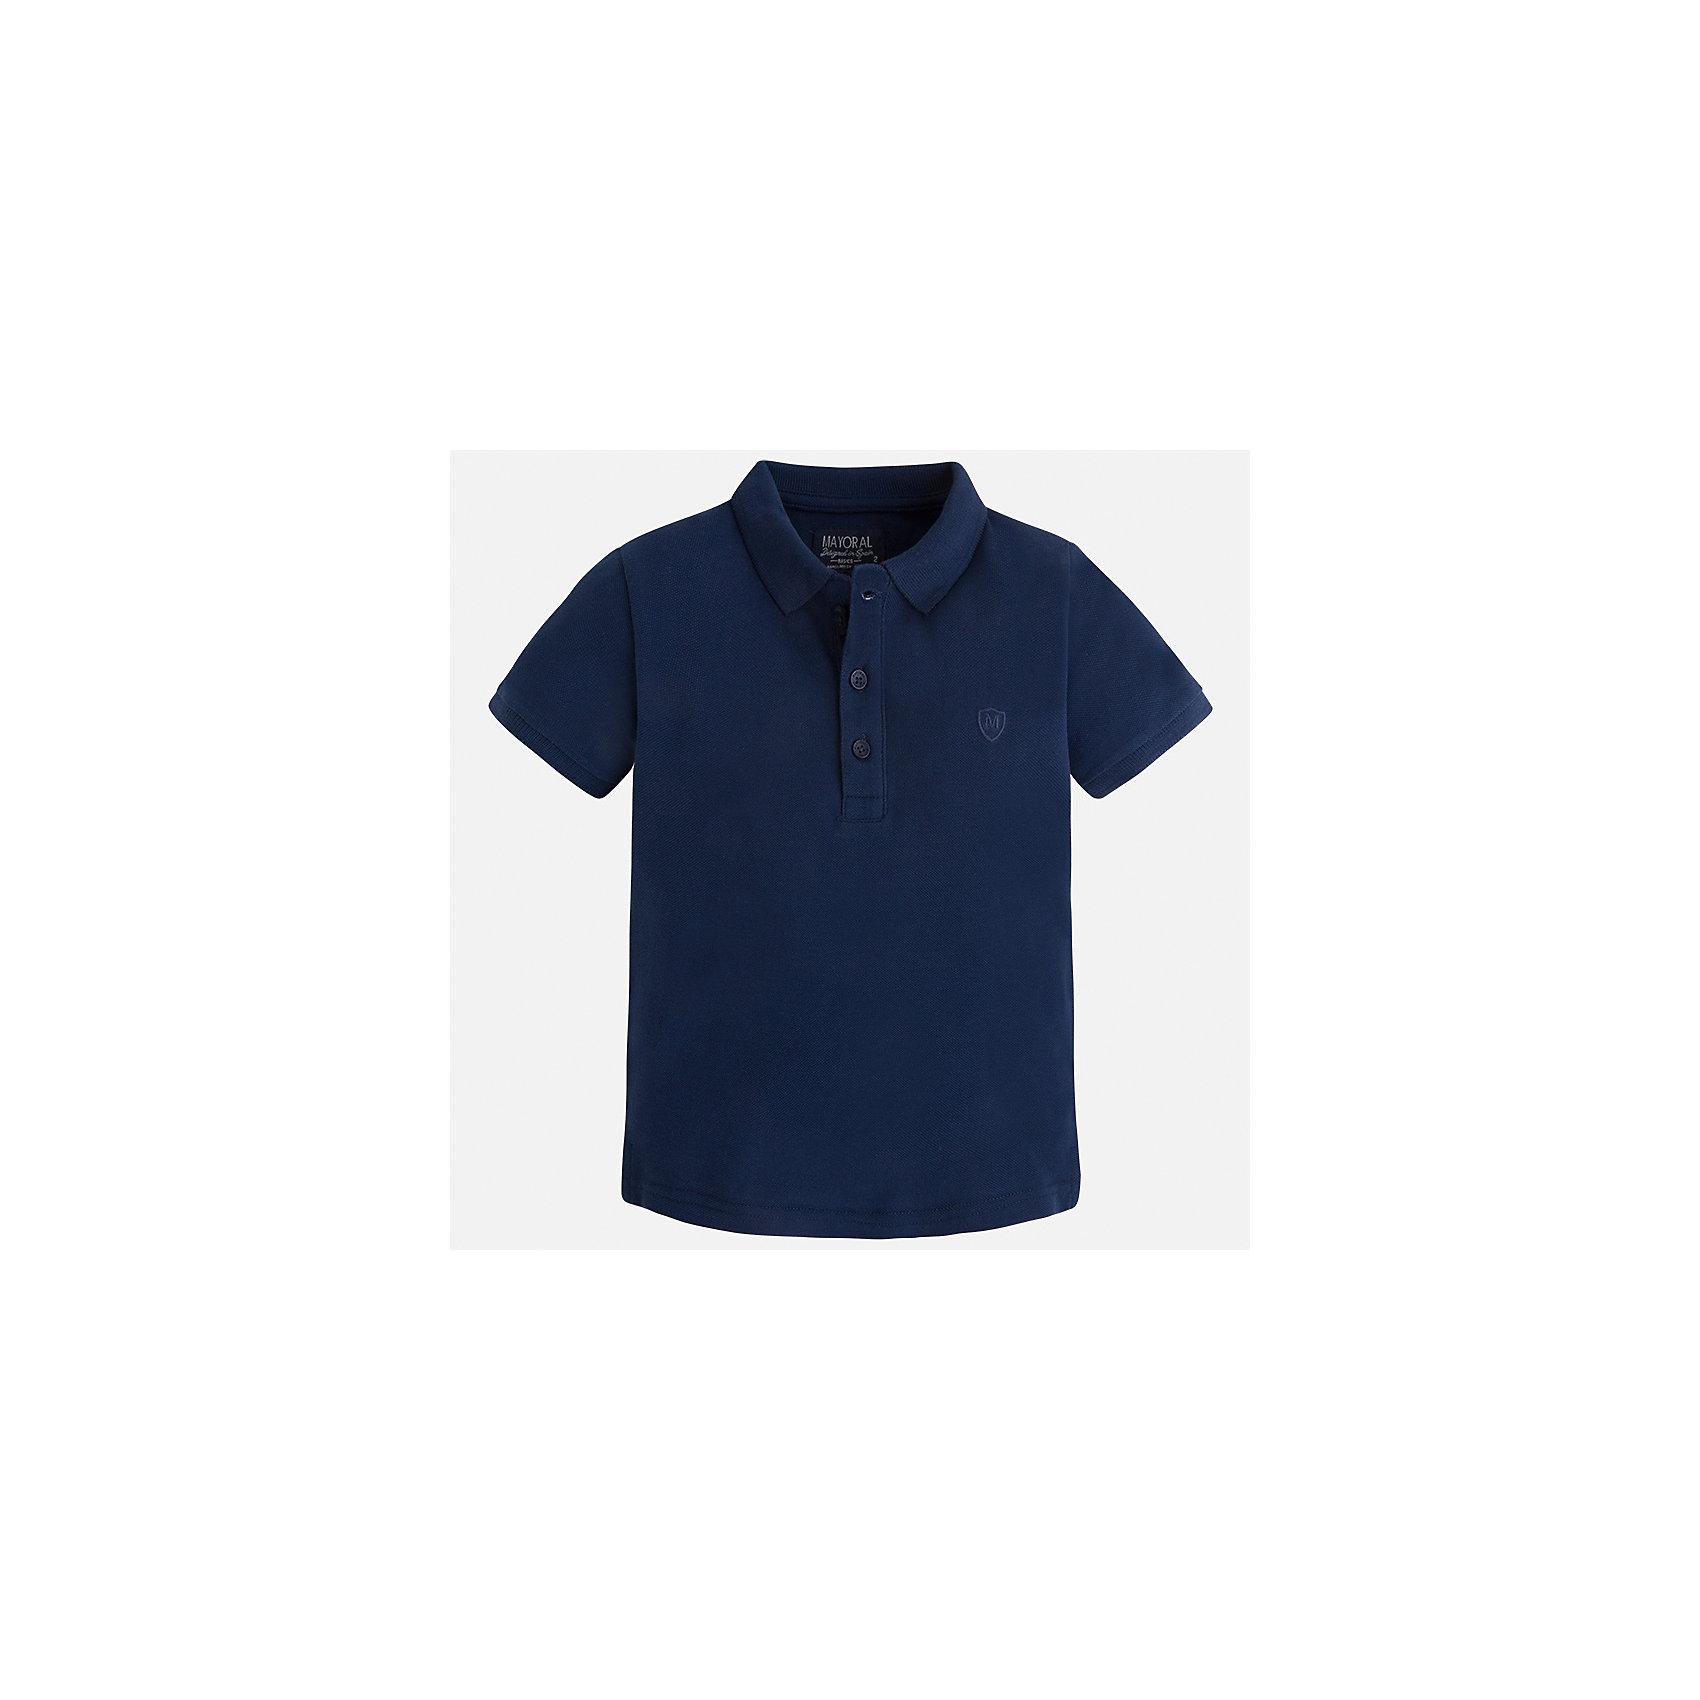 Футболка-поло для мальчика MayoralФутболки, поло и топы<br>Характеристики товара:<br><br>• цвет: синий<br>• состав: 100% хлопок<br>• отложной воротник<br>• короткие рукава<br>• застежка: пуговицы<br>• вышивка на груди<br>• страна бренда: Испания<br><br>Стильная удобная футболка-поло для мальчика может стать базовой вещью в гардеробе ребенка. Она отлично сочетается с брюками, шортами, джинсами и т.д. Универсальный крой и цвет позволяет подобрать к вещи низ разных расцветок. Практичное и стильное изделие! В составе материала - только натуральный хлопок, гипоаллергенный, приятный на ощупь, дышащий.<br><br>Одежда, обувь и аксессуары от испанского бренда Mayoral полюбились детям и взрослым по всему миру. Модели этой марки - стильные и удобные. Для их производства используются только безопасные, качественные материалы и фурнитура. Порадуйте ребенка модными и красивыми вещами от Mayoral! <br><br>Футболку-поло для мальчика от испанского бренда Mayoral (Майорал) можно купить в нашем интернет-магазине.<br><br>Ширина мм: 230<br>Глубина мм: 40<br>Высота мм: 220<br>Вес г: 250<br>Цвет: синий<br>Возраст от месяцев: 18<br>Возраст до месяцев: 24<br>Пол: Мужской<br>Возраст: Детский<br>Размер: 92,116,134,128,122,110,104,98<br>SKU: 5277794